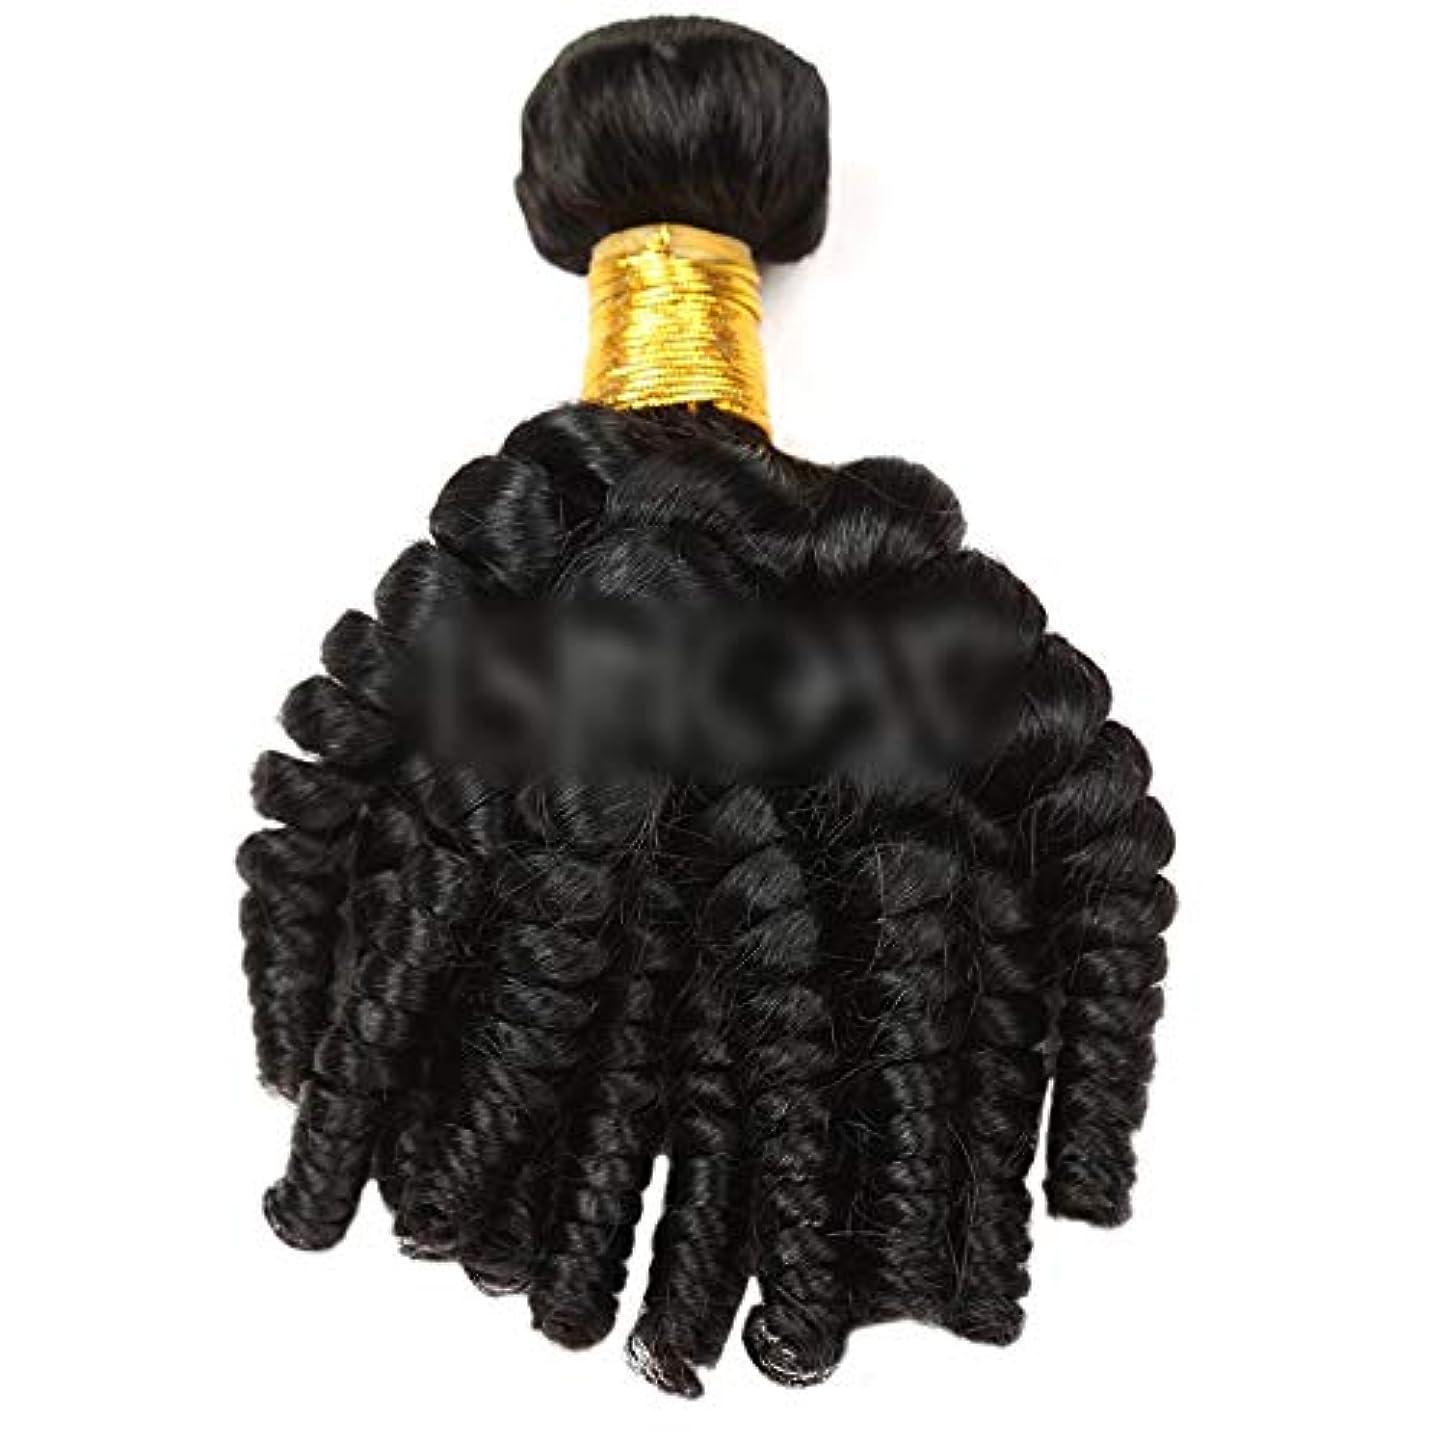 食欲息子ニンニクYESONEEP Funmi巻き毛人間の髪の毛の束自然な黒髪エクステンション1バンドル髪横糸複合毛レースのかつらロールプレイングかつらロングとショートの女性自然 (色 : 黒, サイズ : 12 inch)